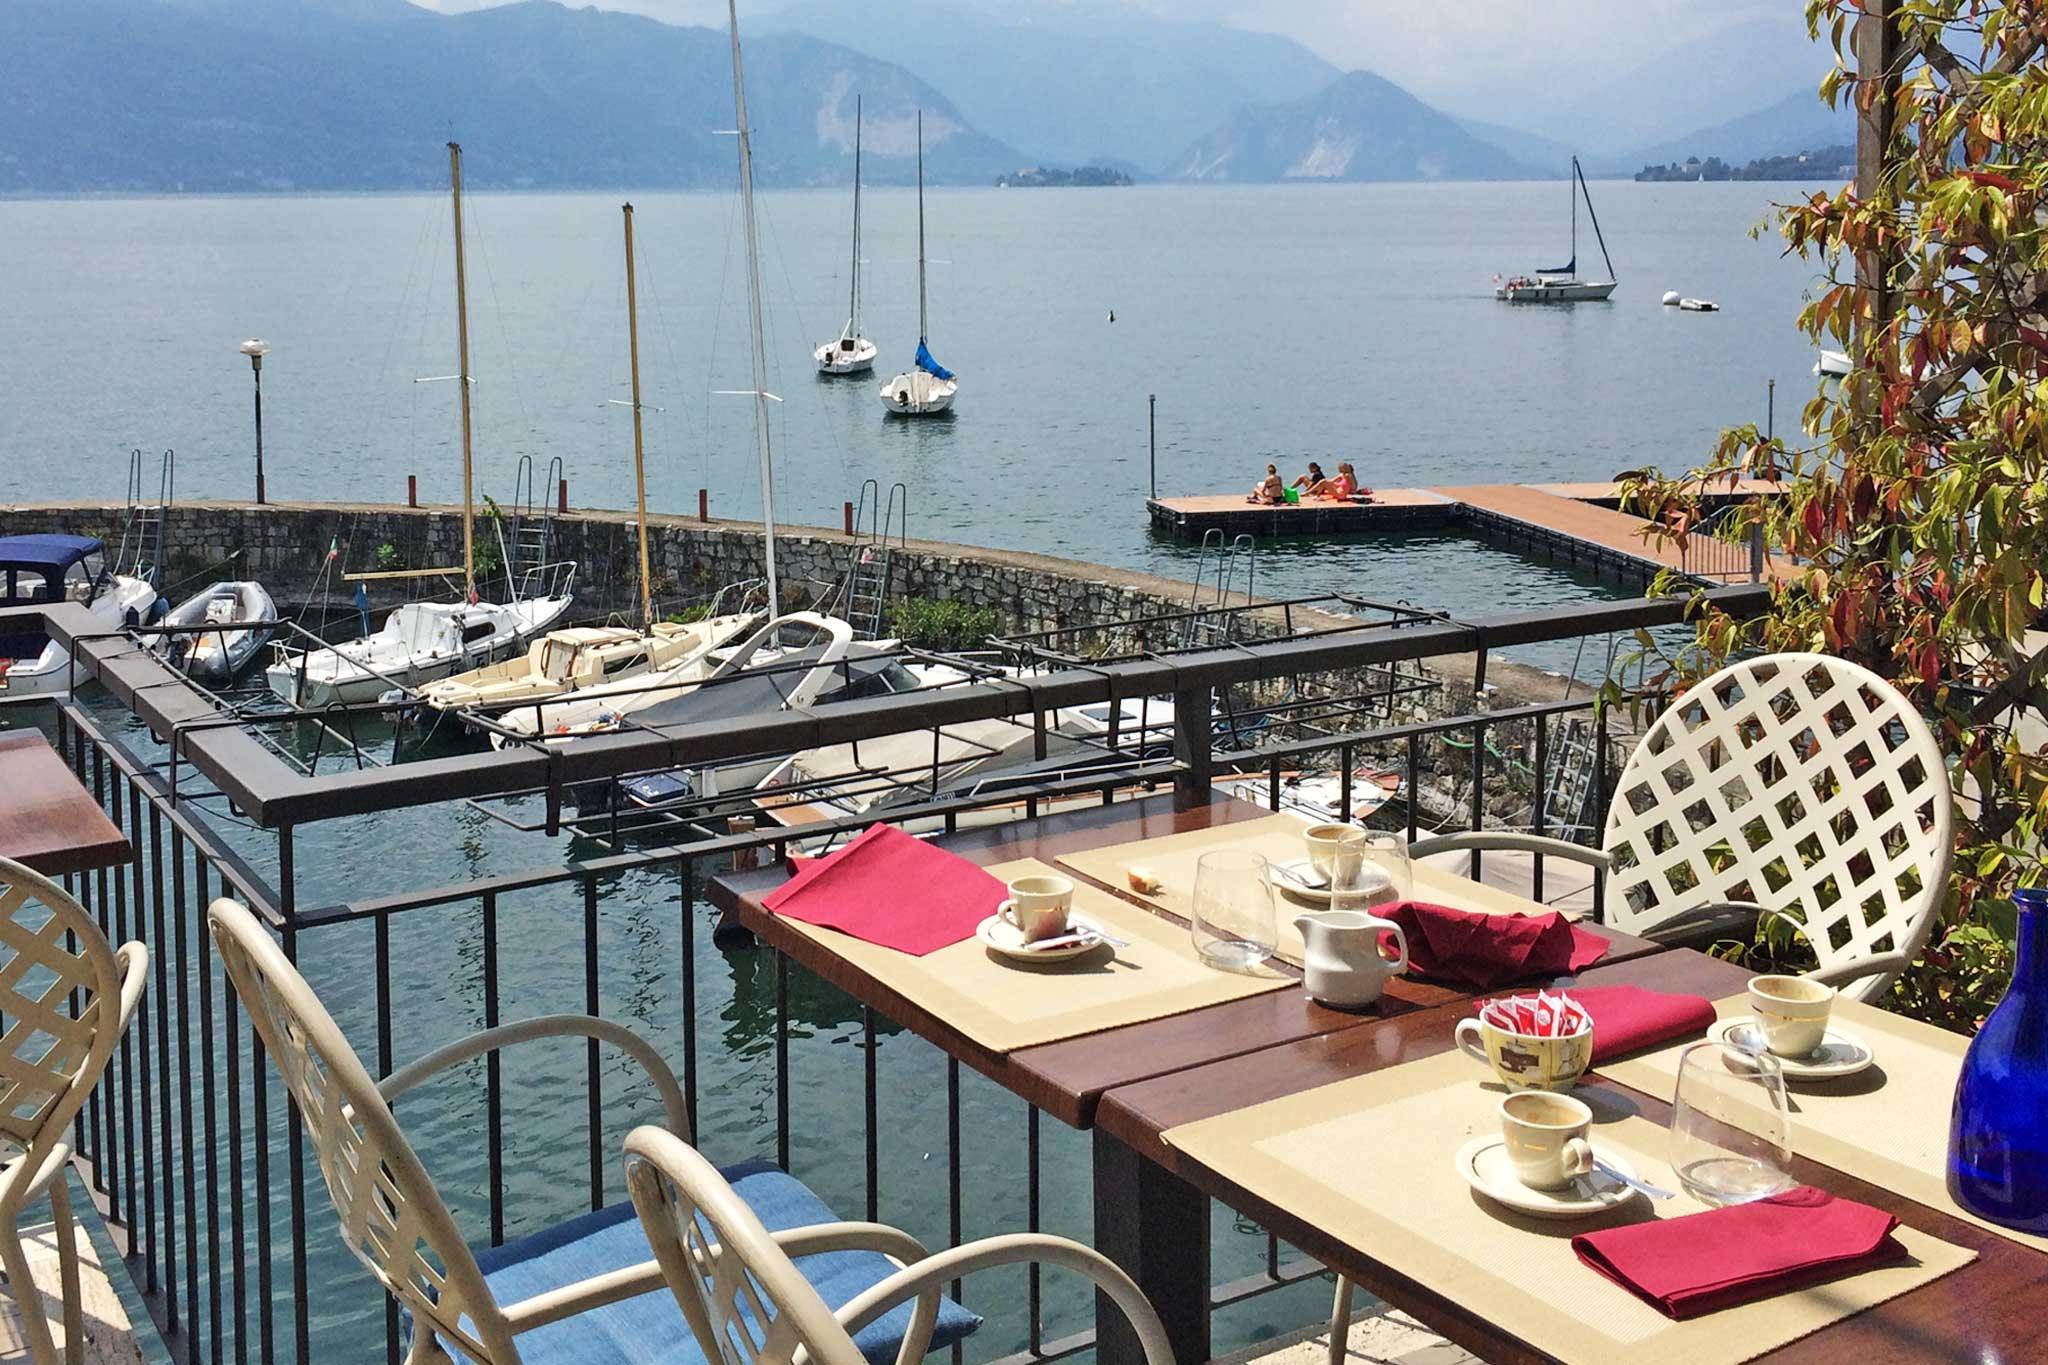 Fuori porta. Mangiare pesce a 20 € con vista sul Lago Maggiore